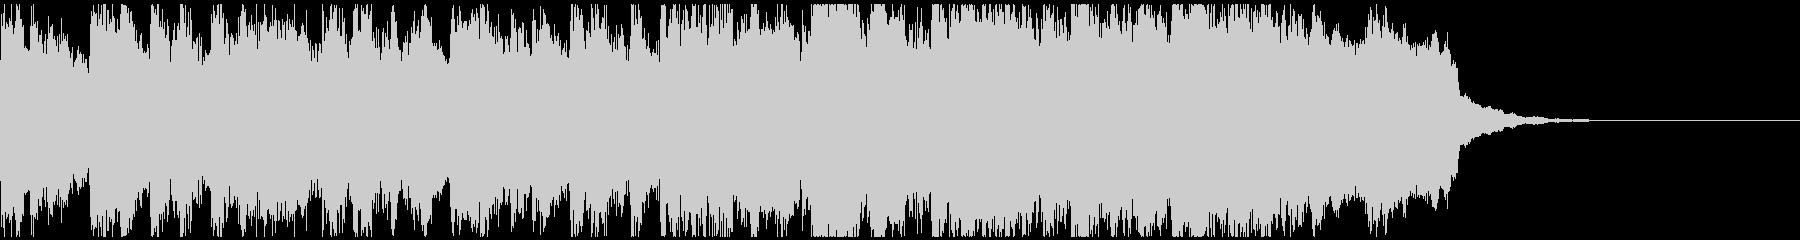 サックスジャズ風ジングル/ラジオの未再生の波形